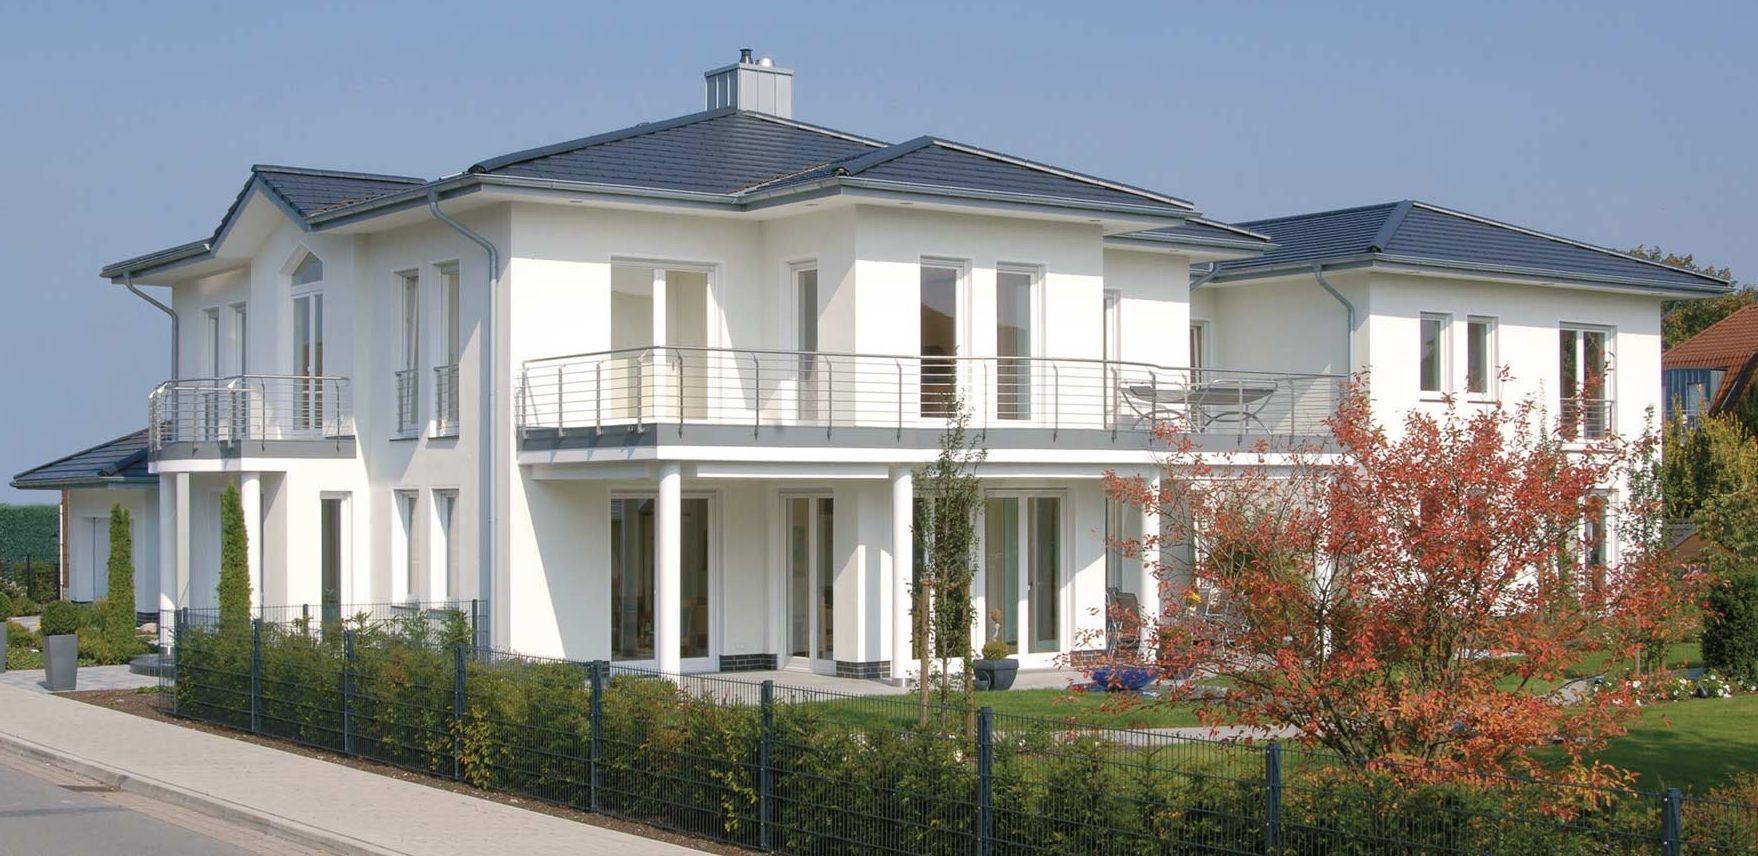 Moderne stadtvilla mit einem schornstein der alle for Moderne bauweise